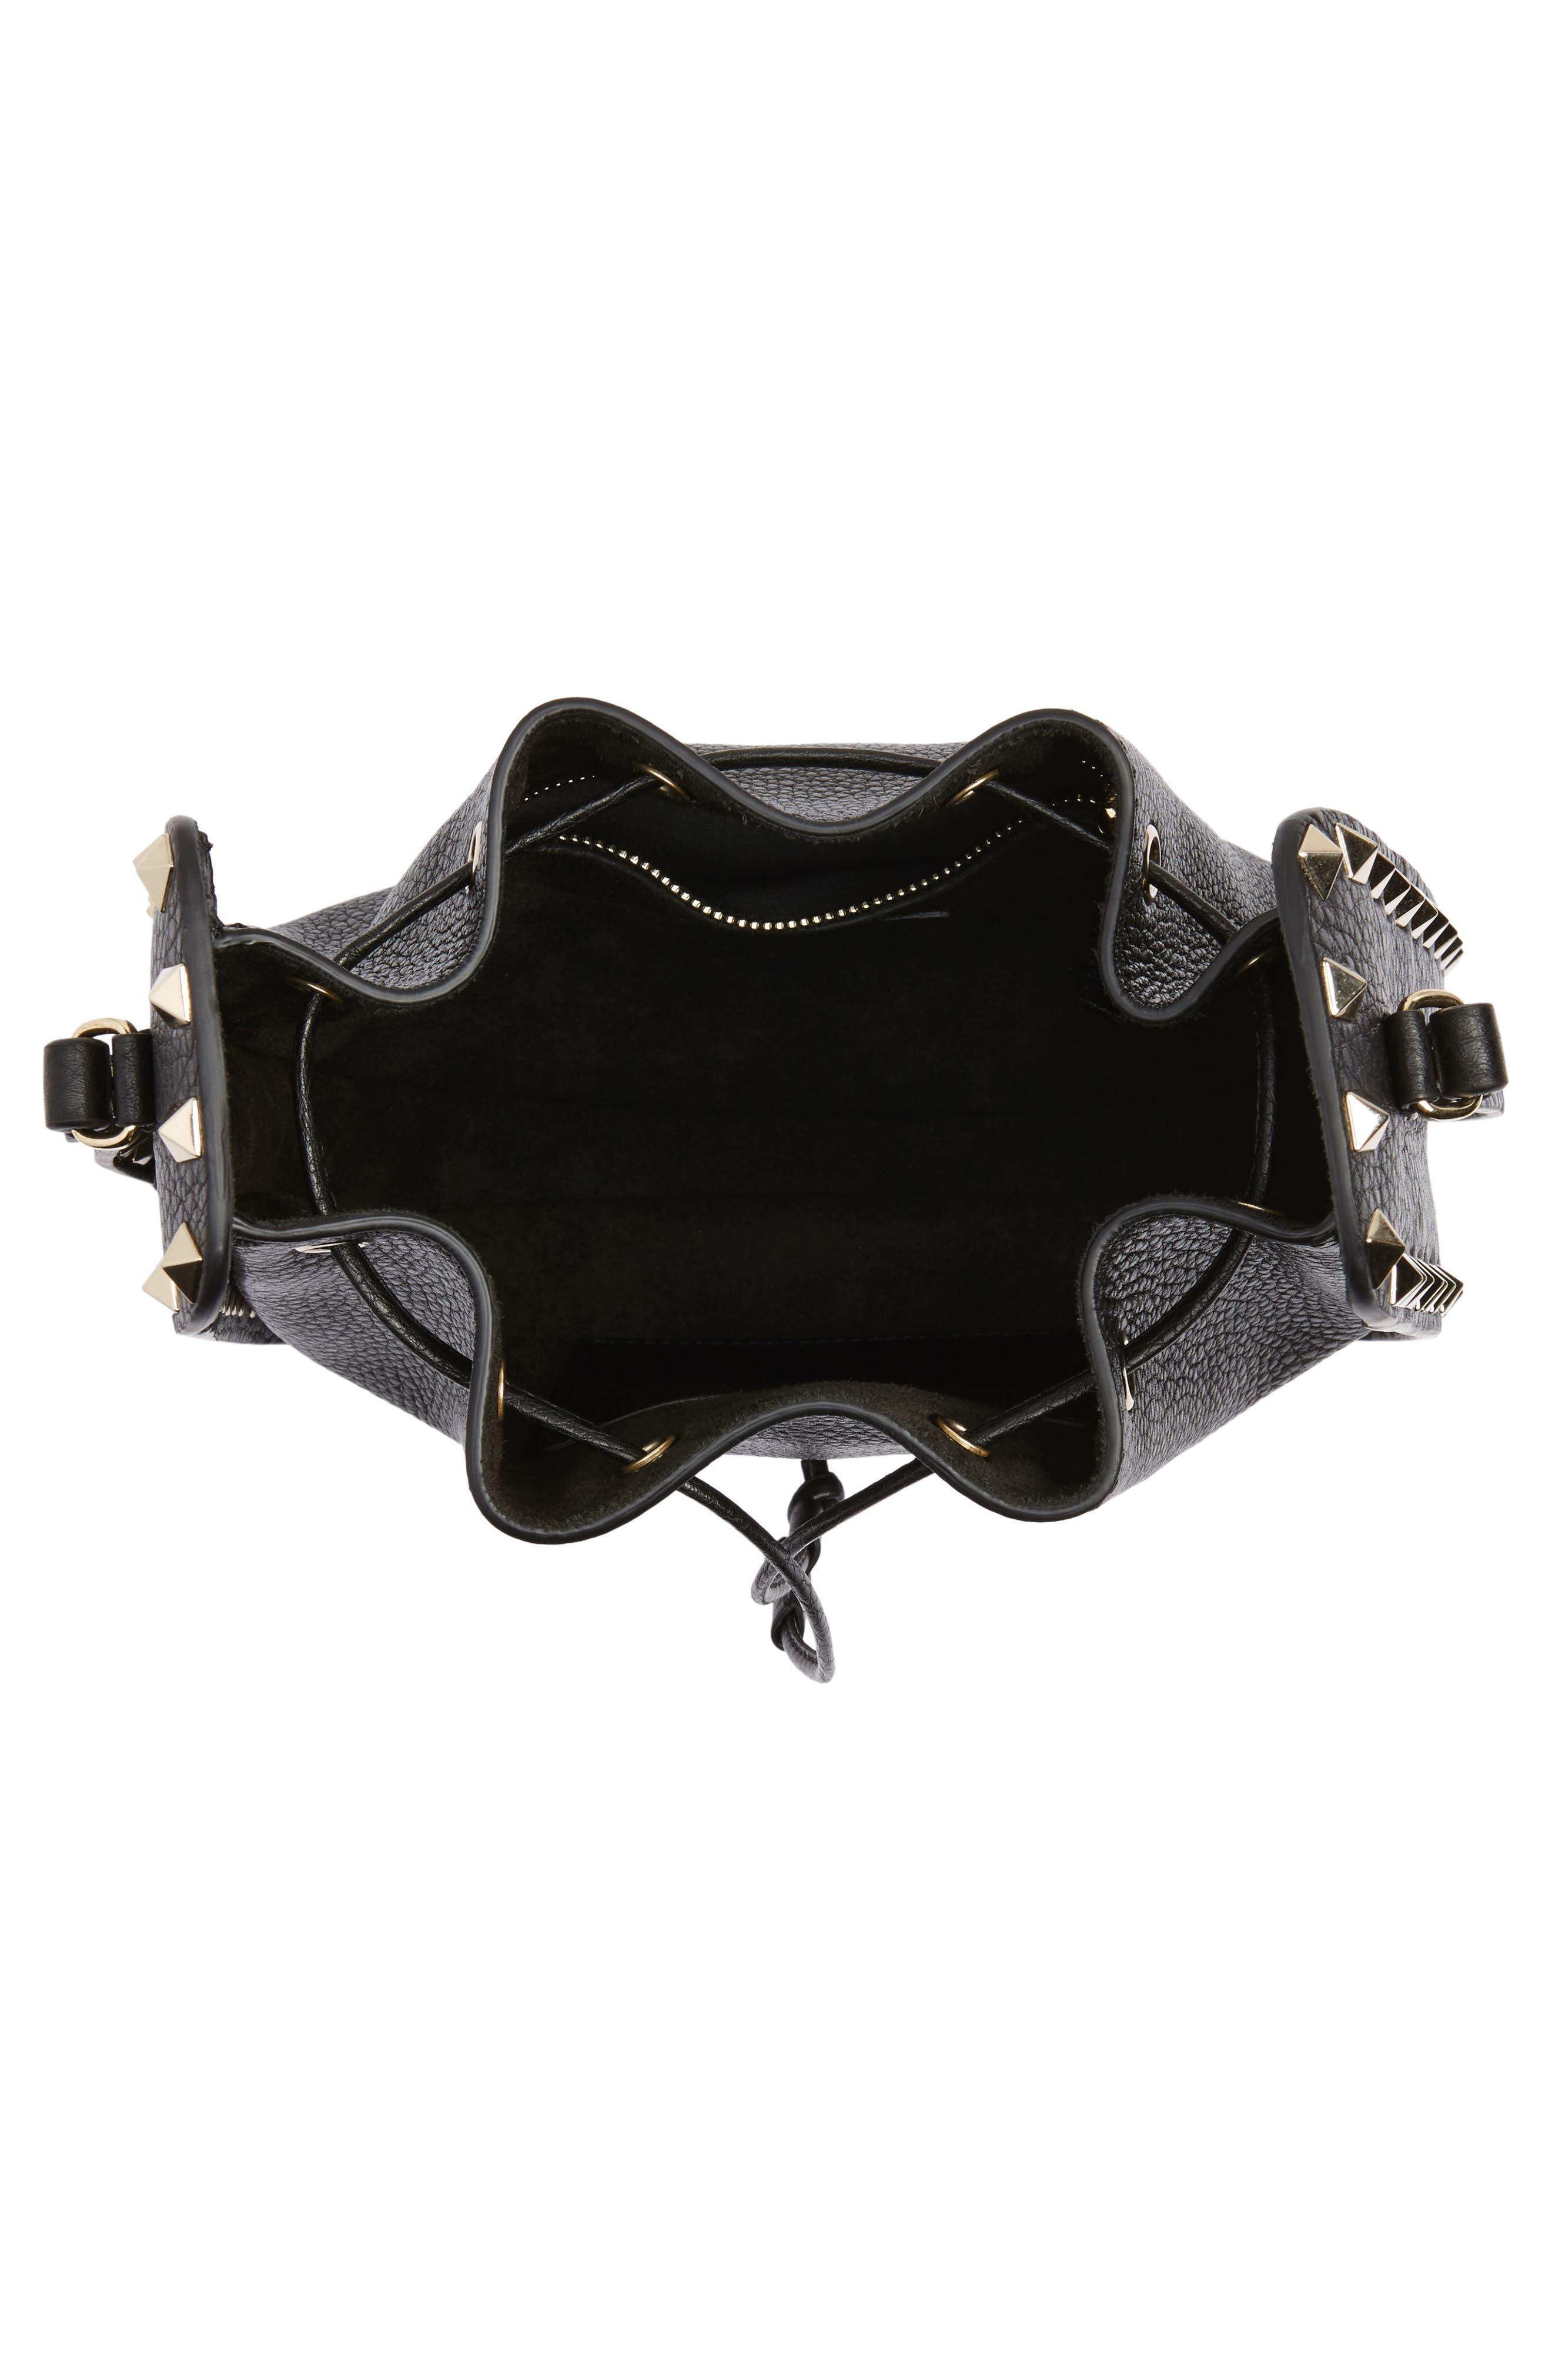 VALENTINO GARAVANI,                             Rockstud Leather Bucket Bag,                             Alternate thumbnail 4, color,                             001